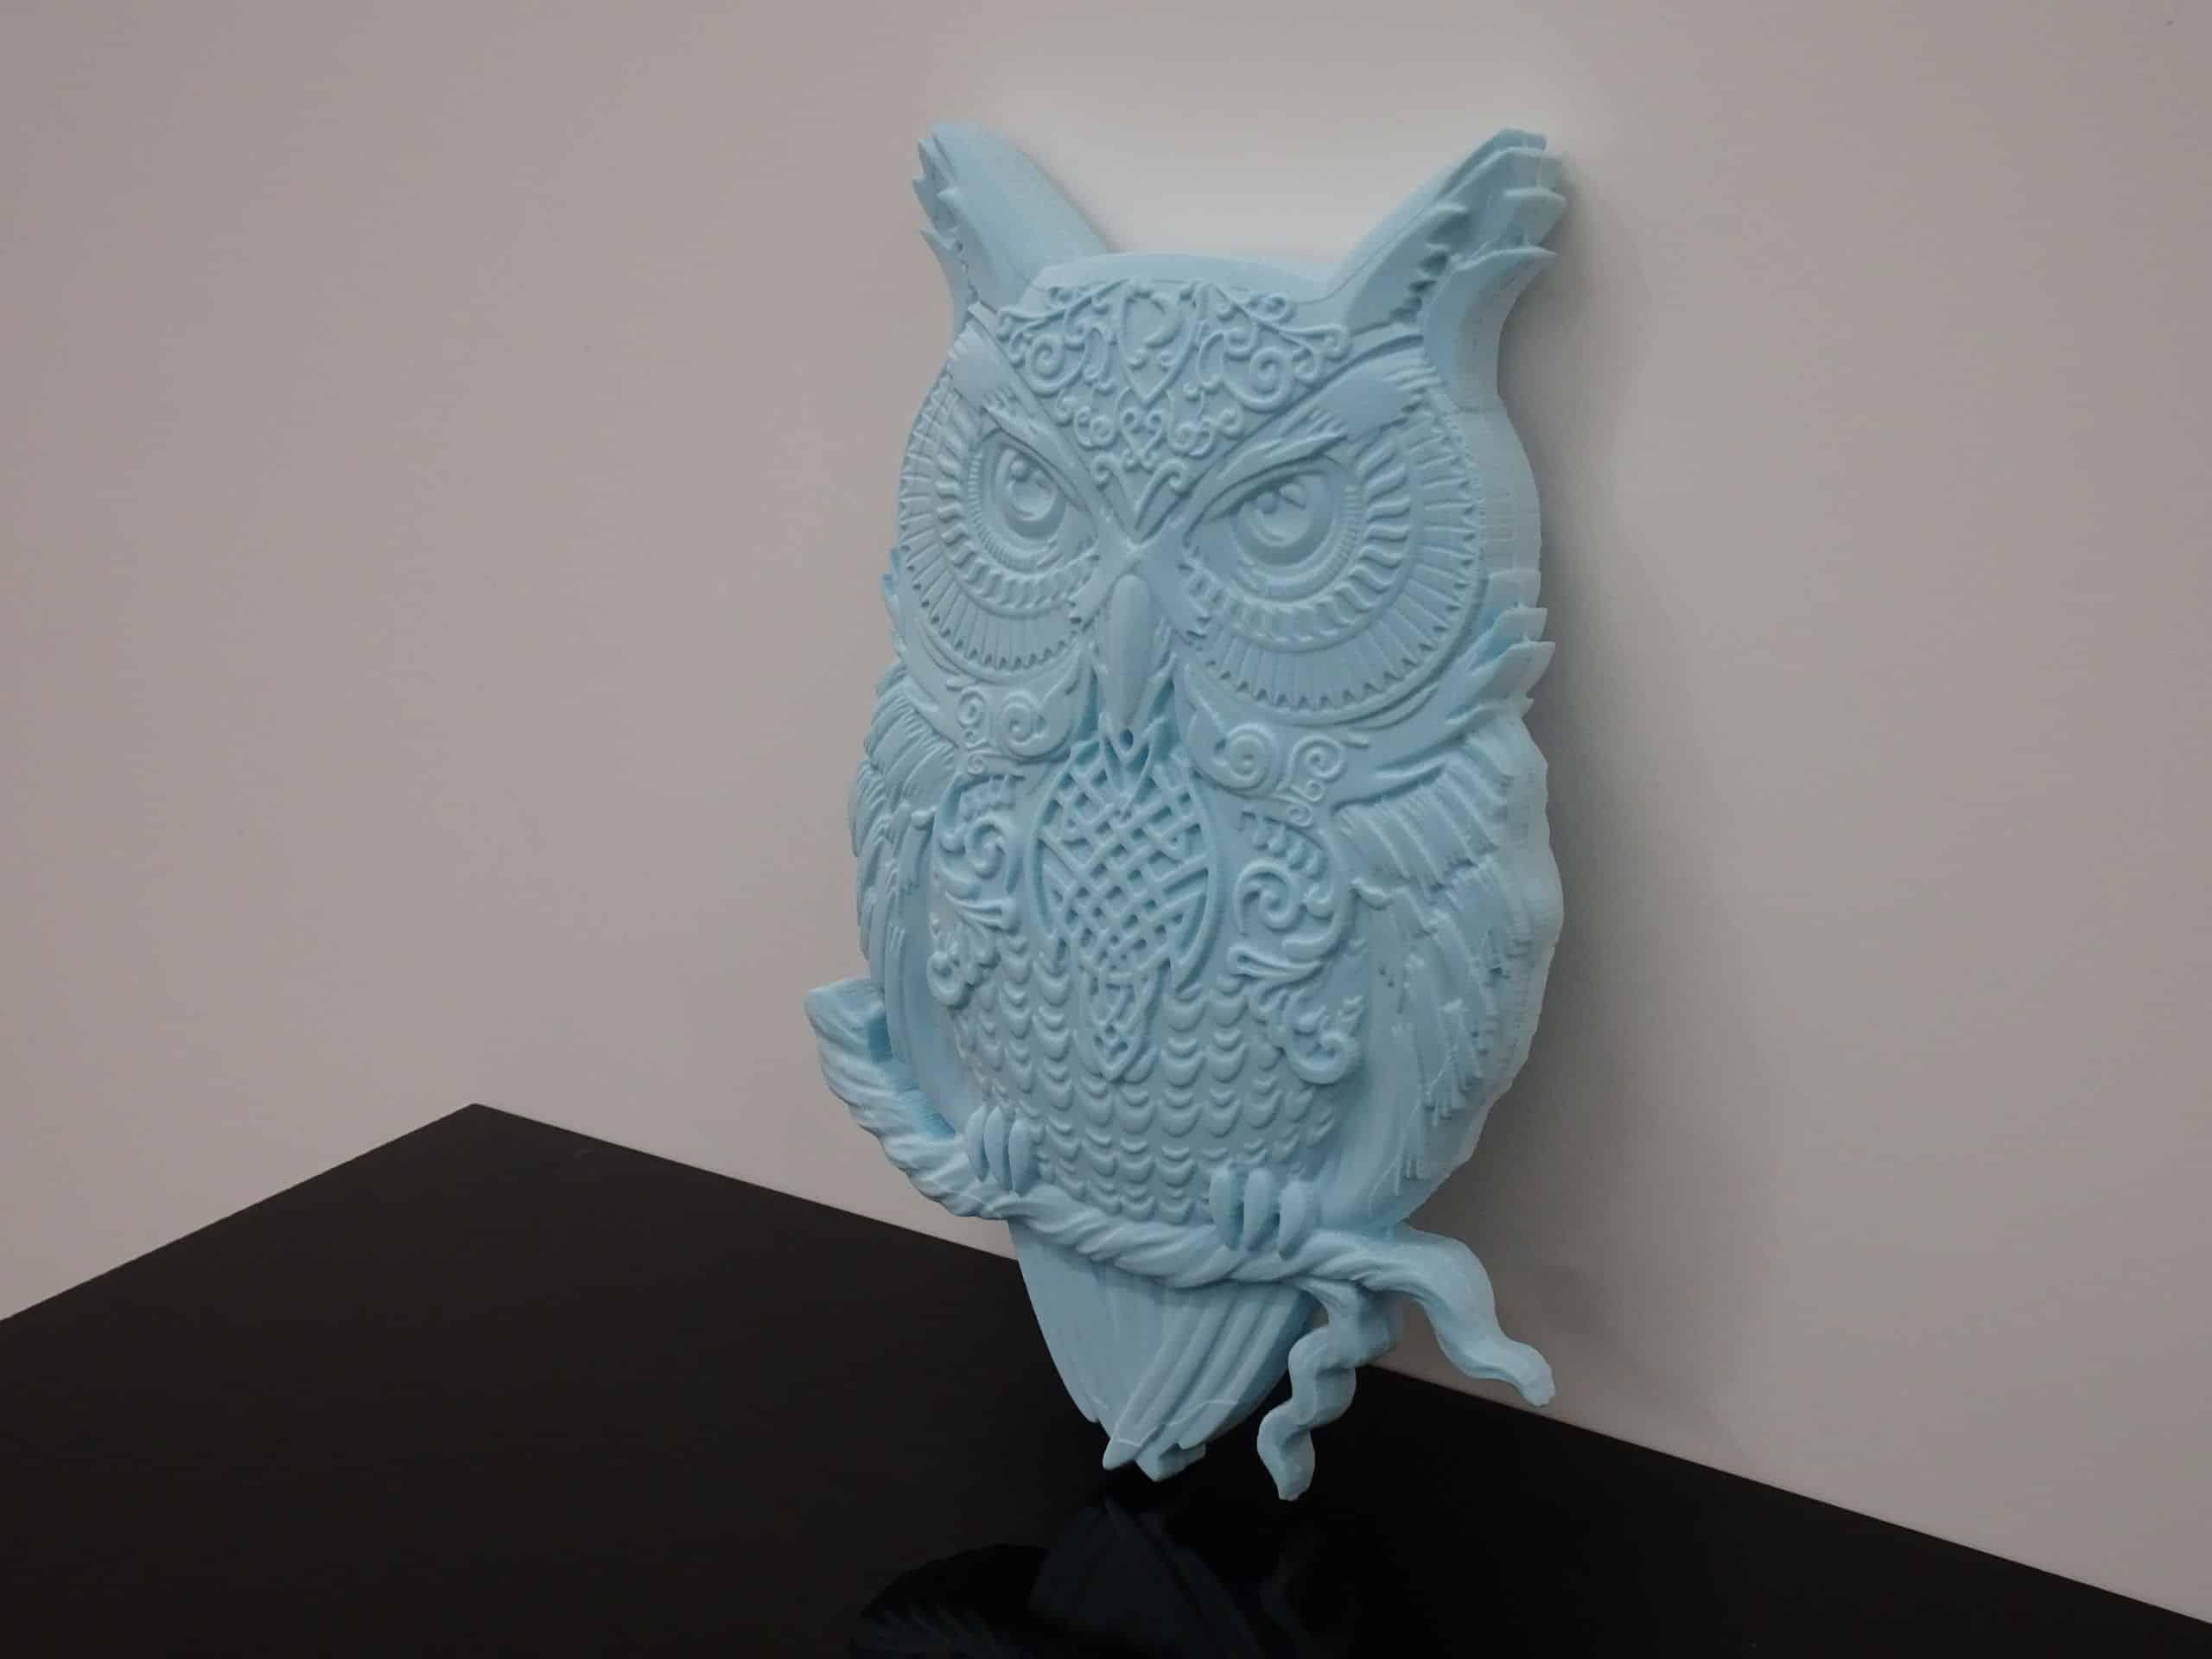 CNC Router Owl